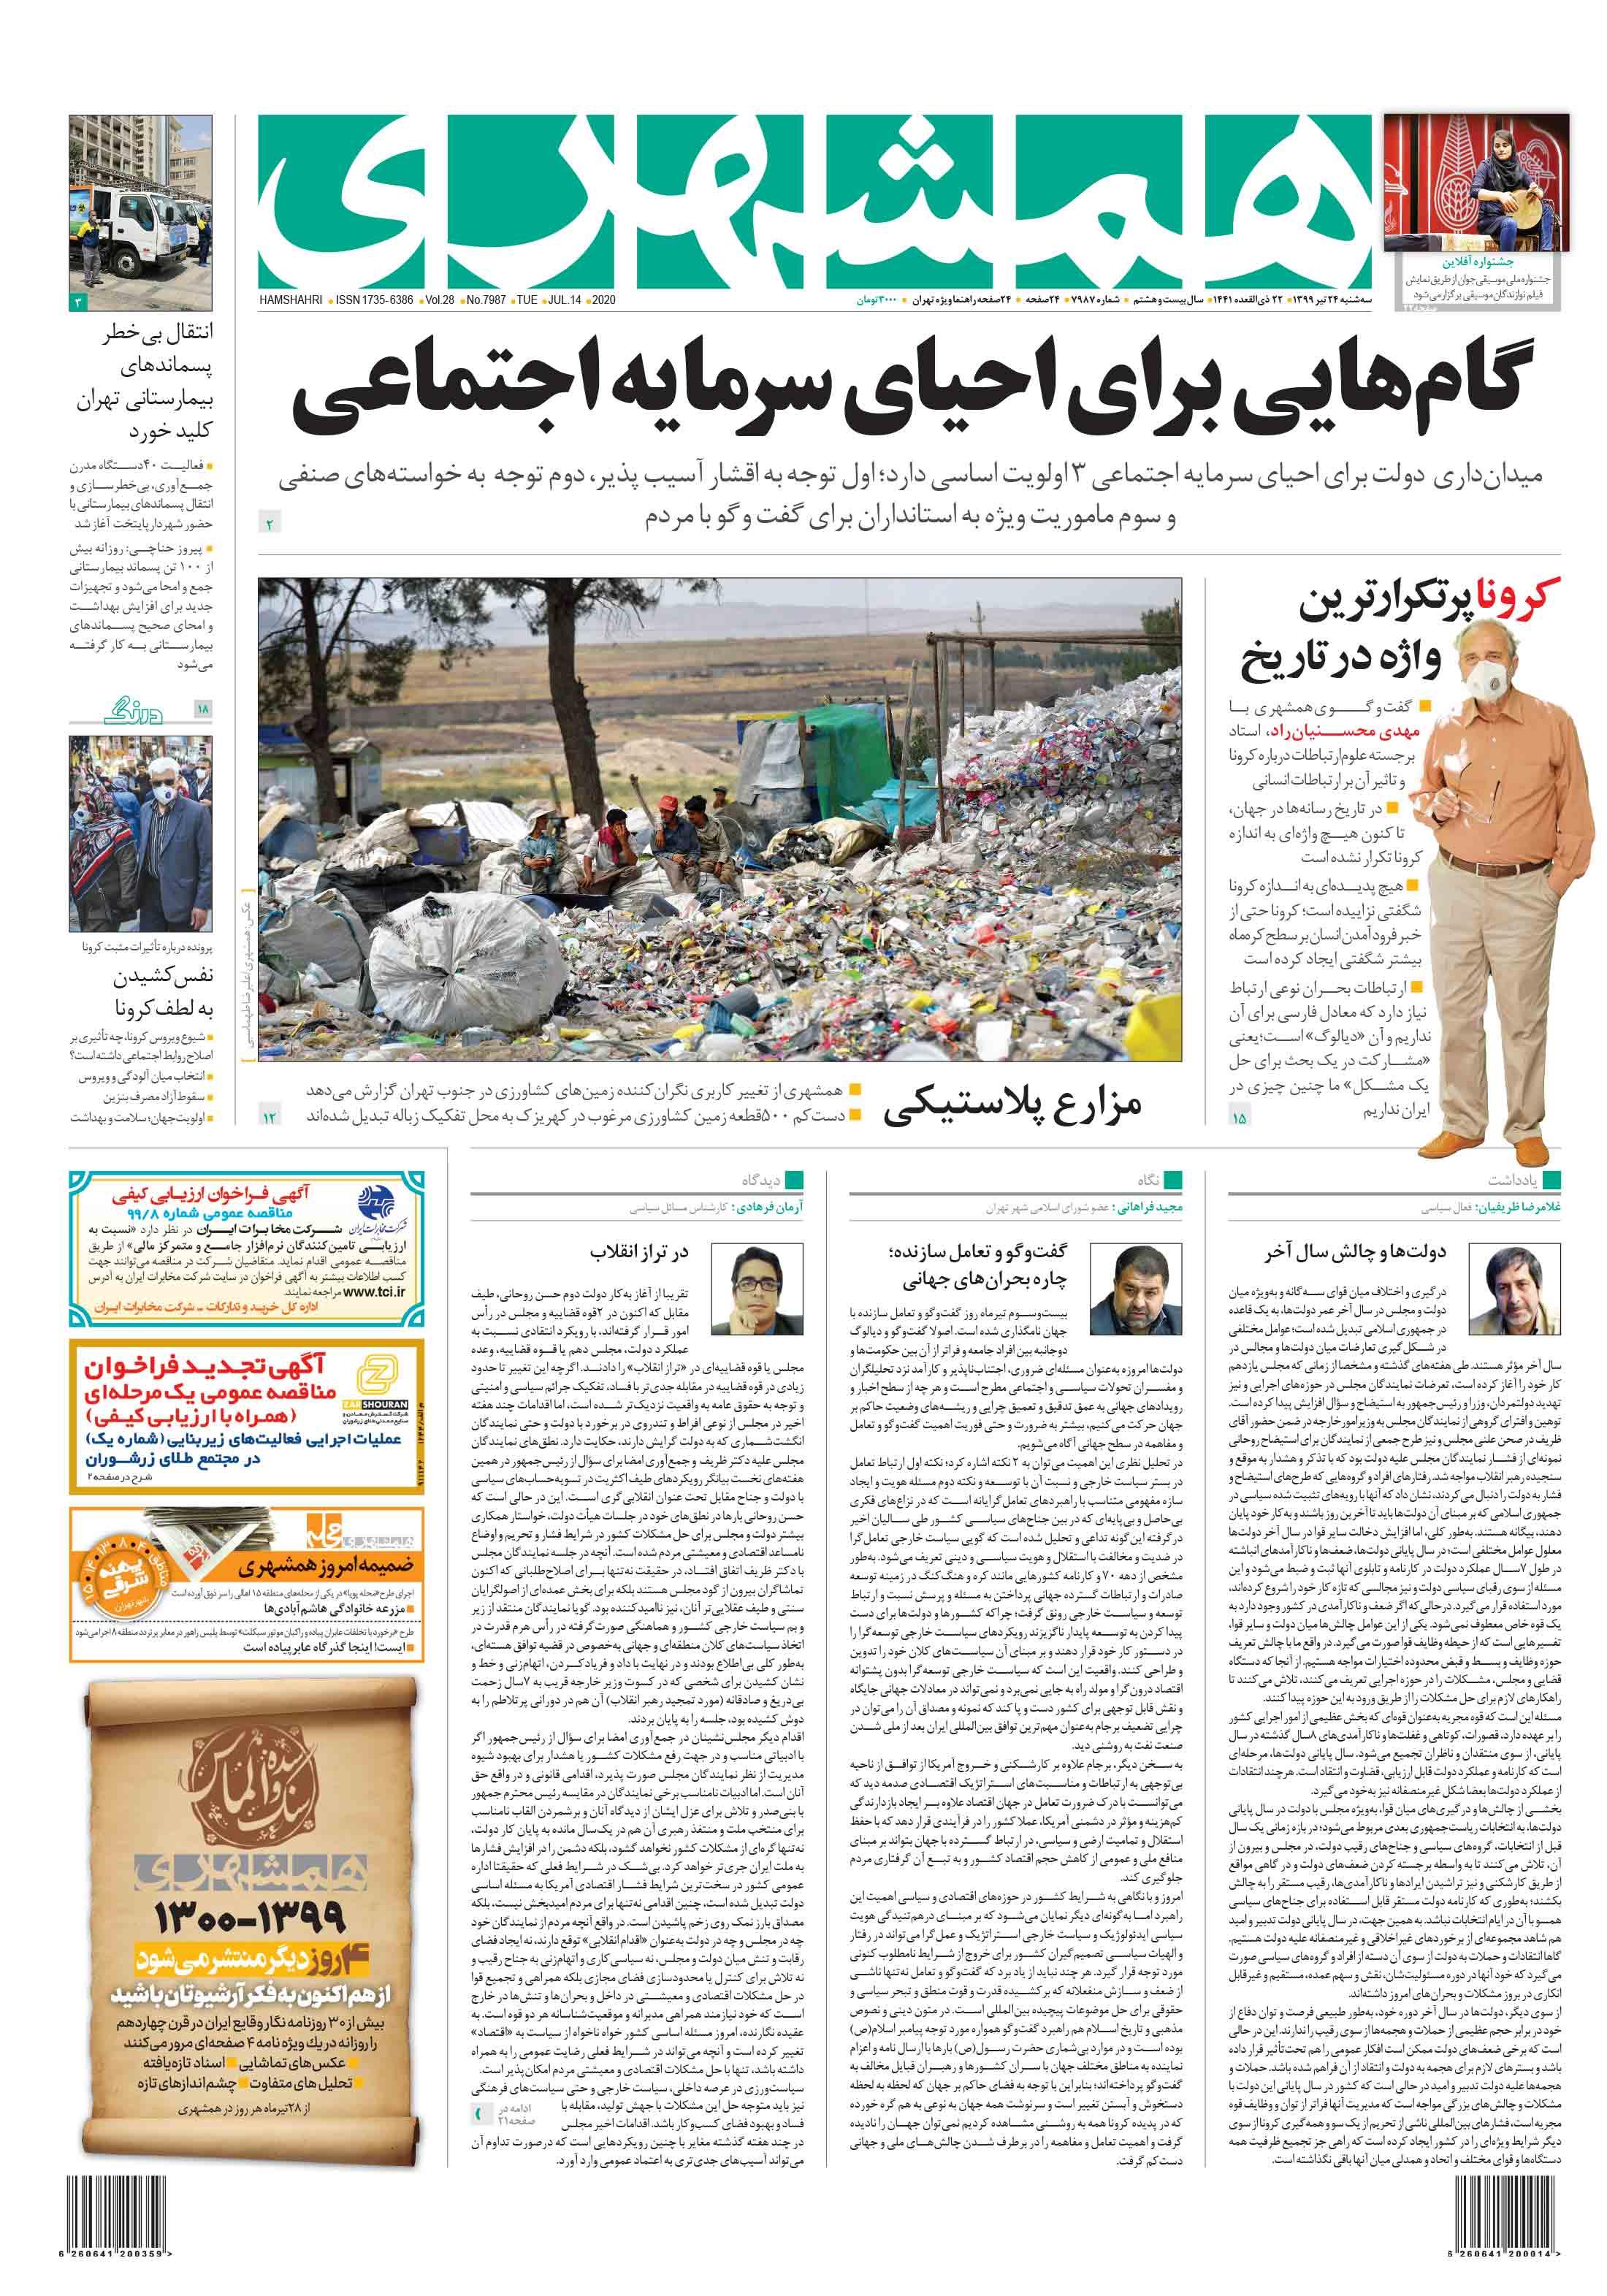 صفحه اول سهشنبه 24 تیر 1399